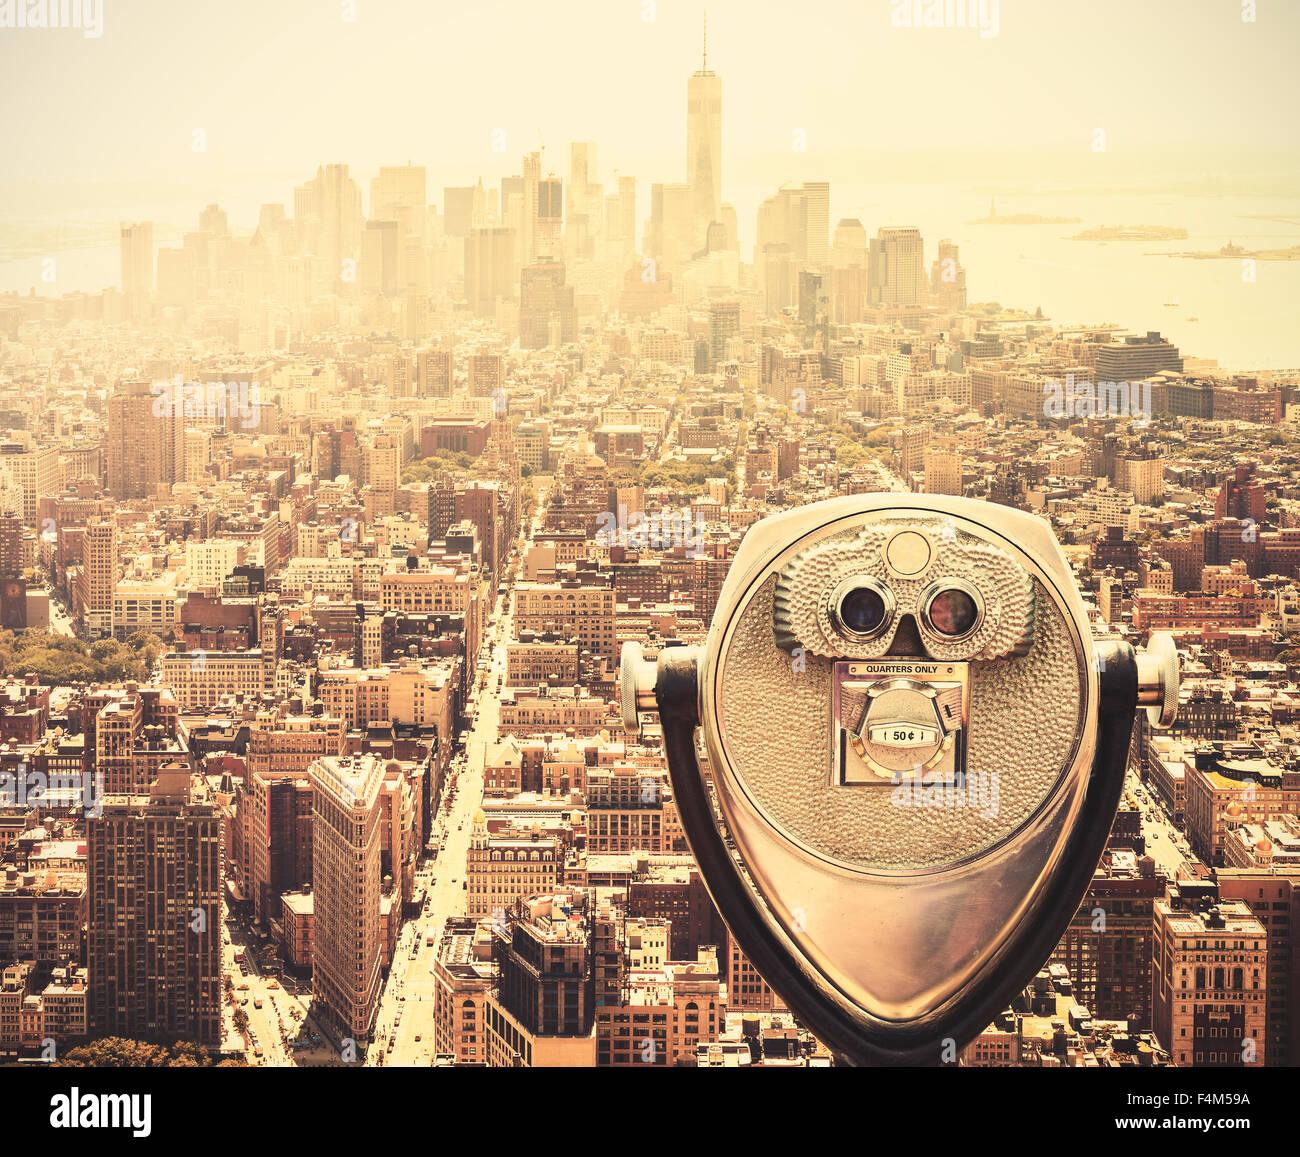 Retro Vintage getönten touristischen Fernglas über die Skyline von Manhattan, New York City, USA. Stockbild